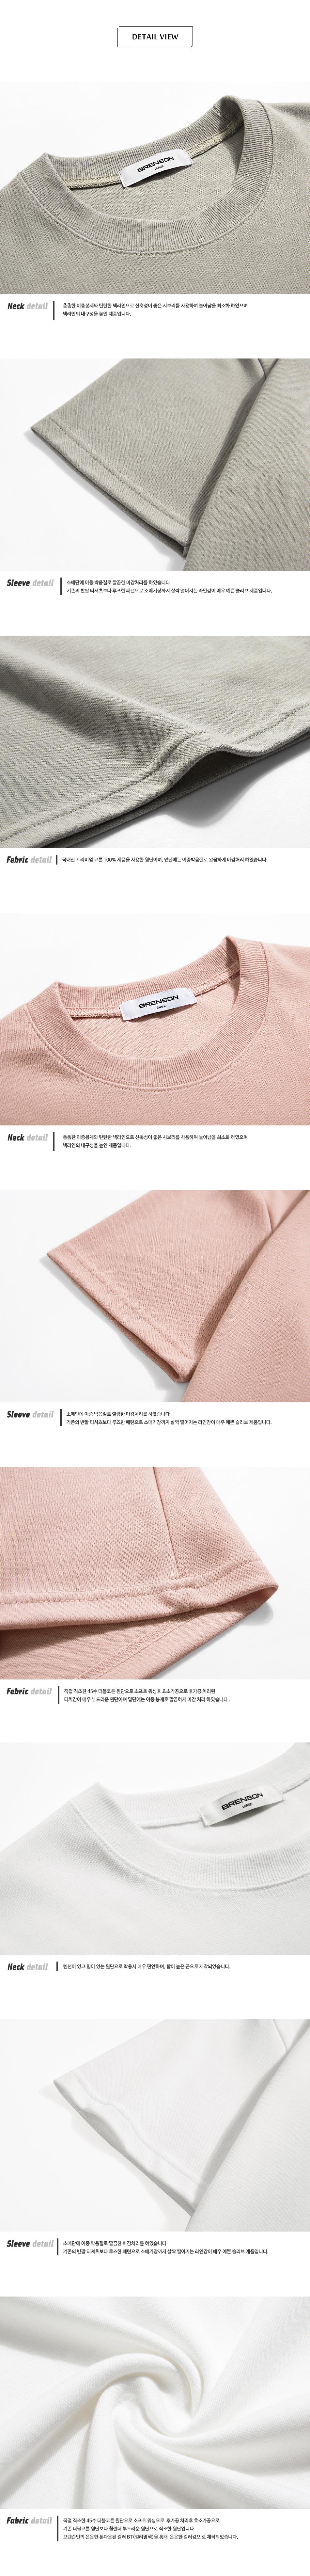 브렌슨 (1+1)루즈핏 소프트워싱 더블코튼 반팔 티셔츠